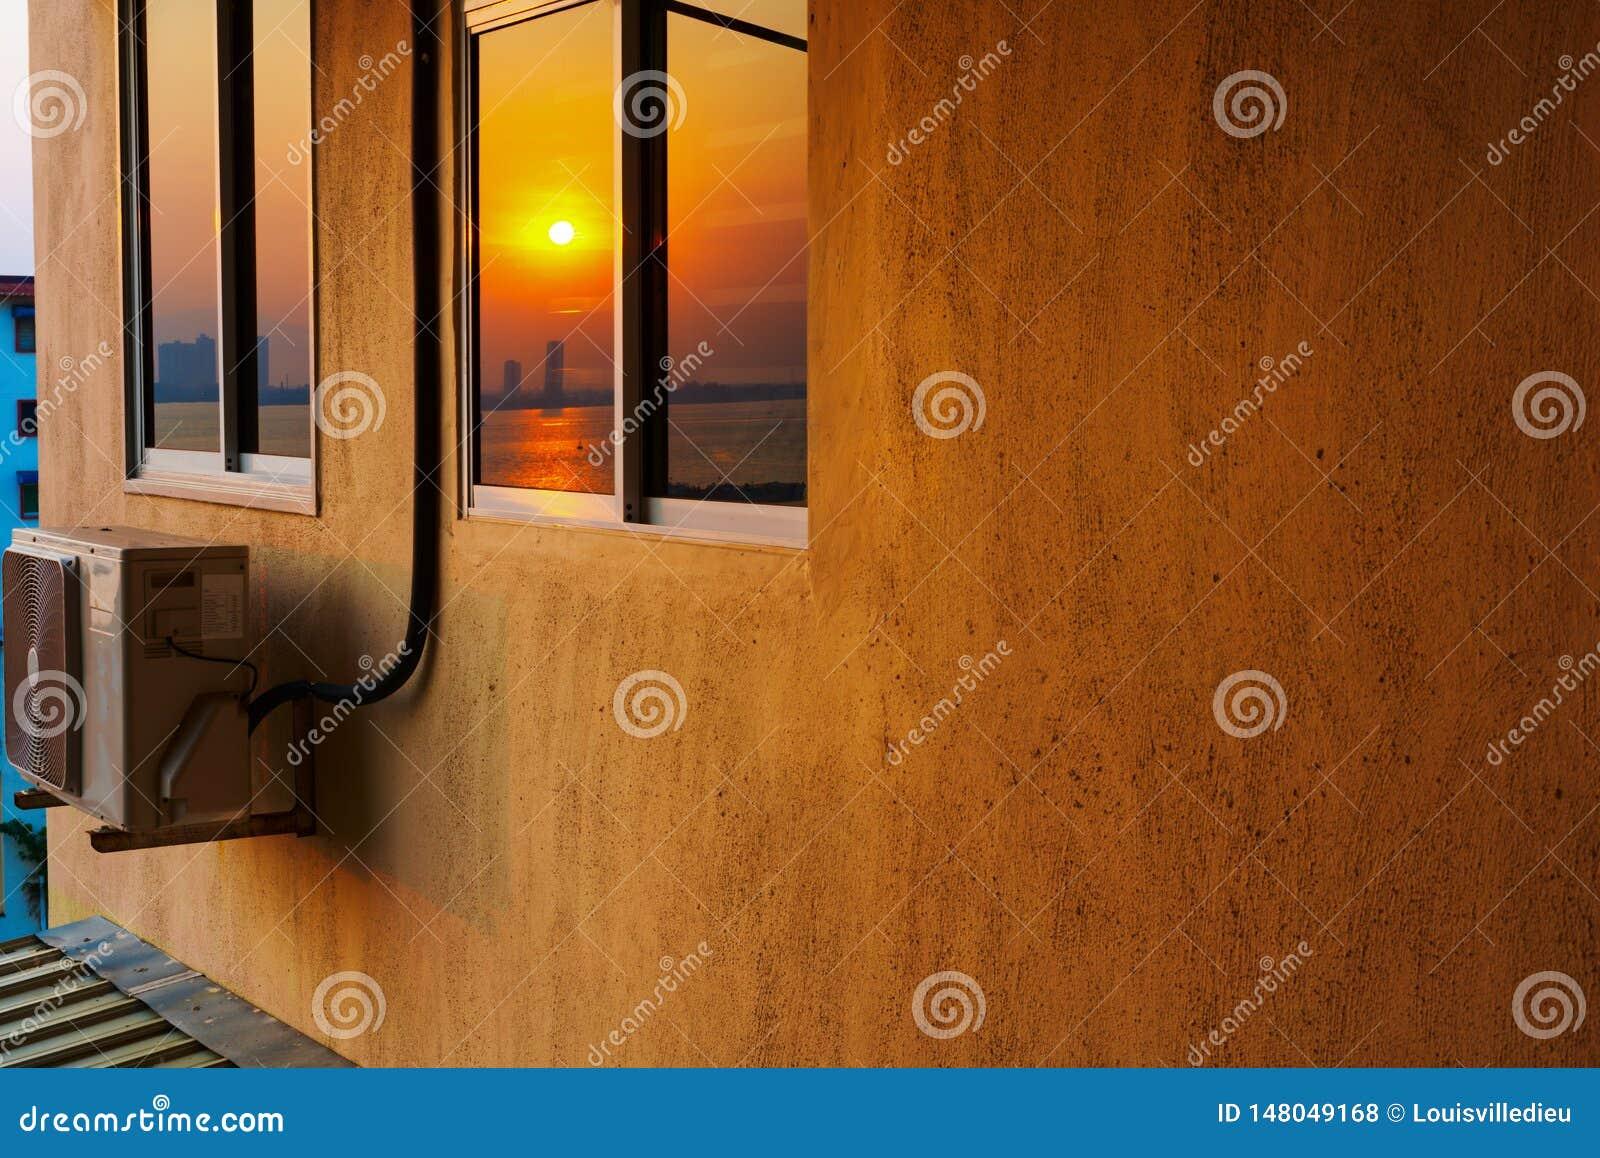 Снабжение жилищем высотного здания с кондиционированием воздуха на восходе солнца